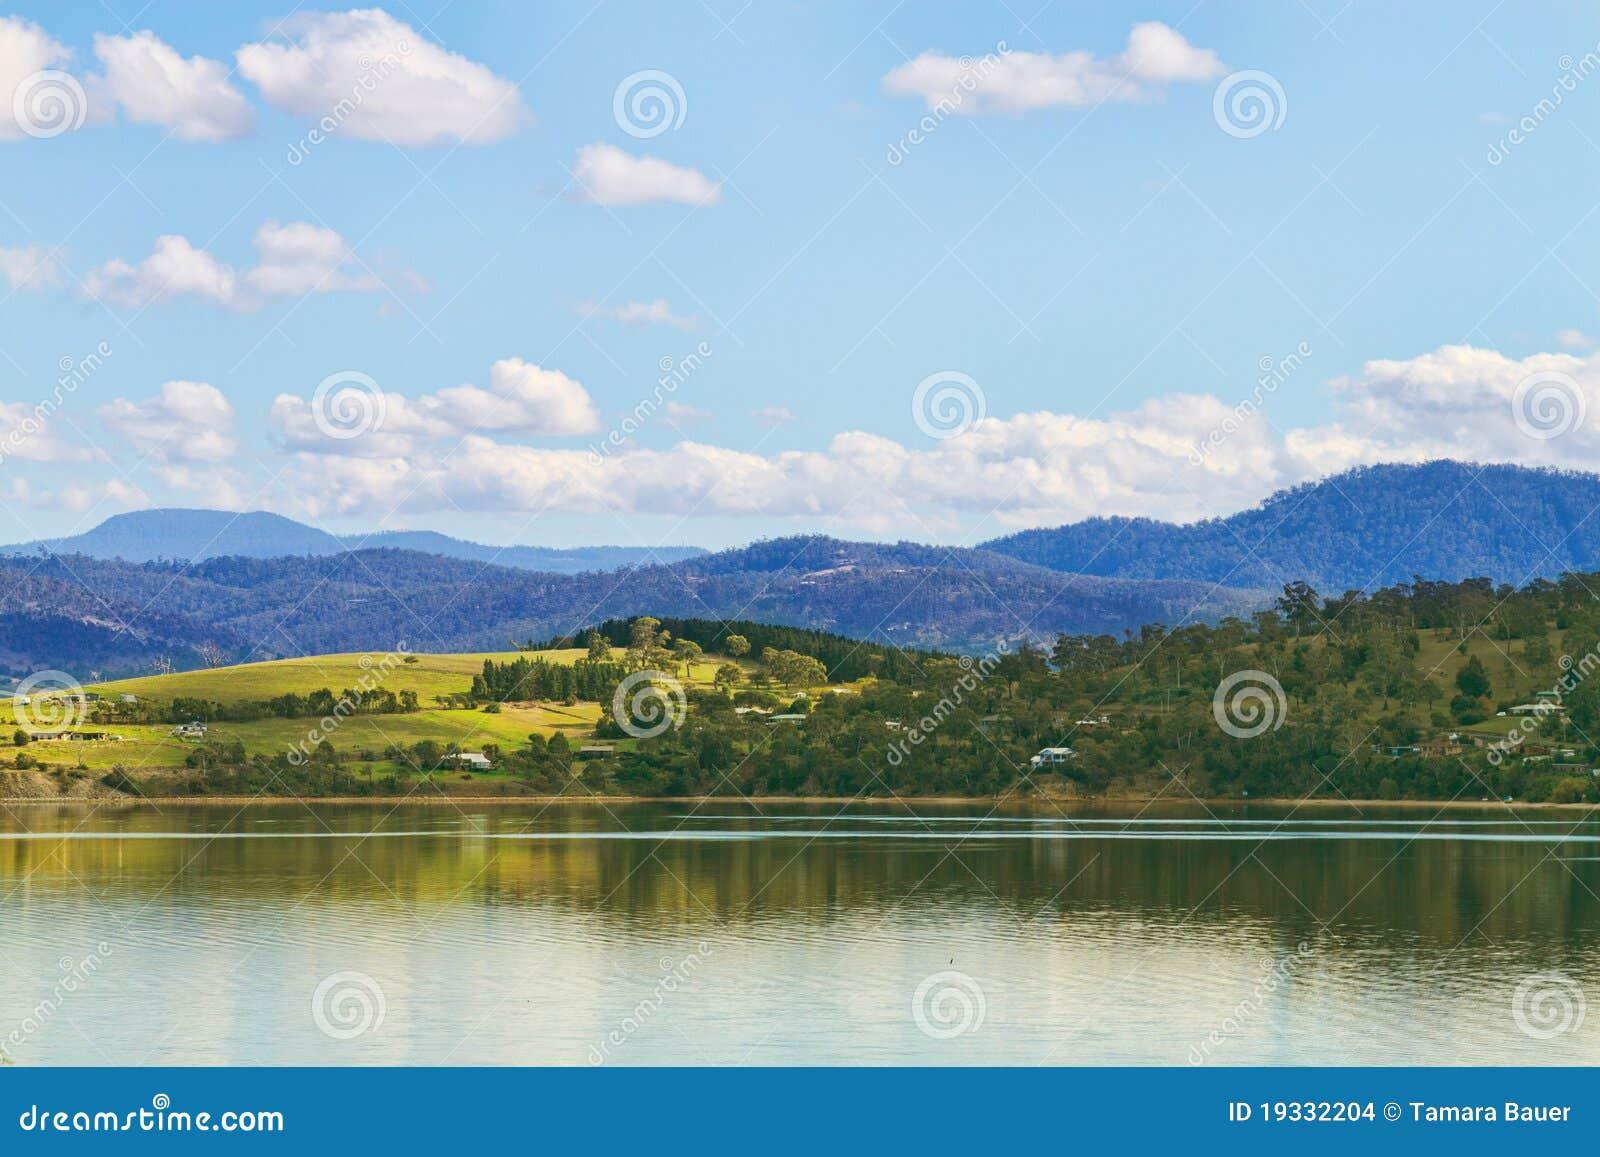 Tasmanien-Berge